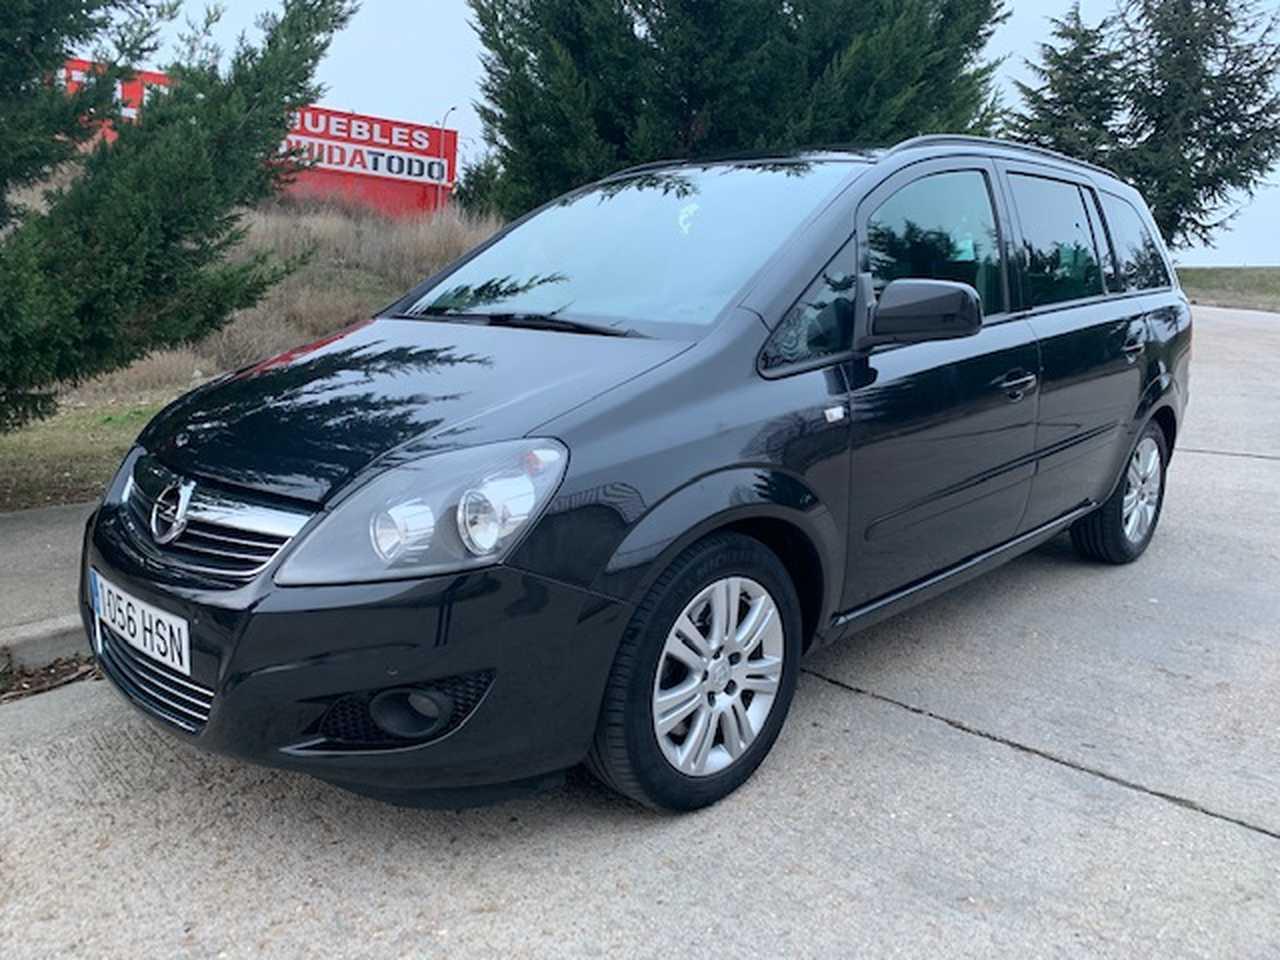 Opel Zafira Diésel en Burgos